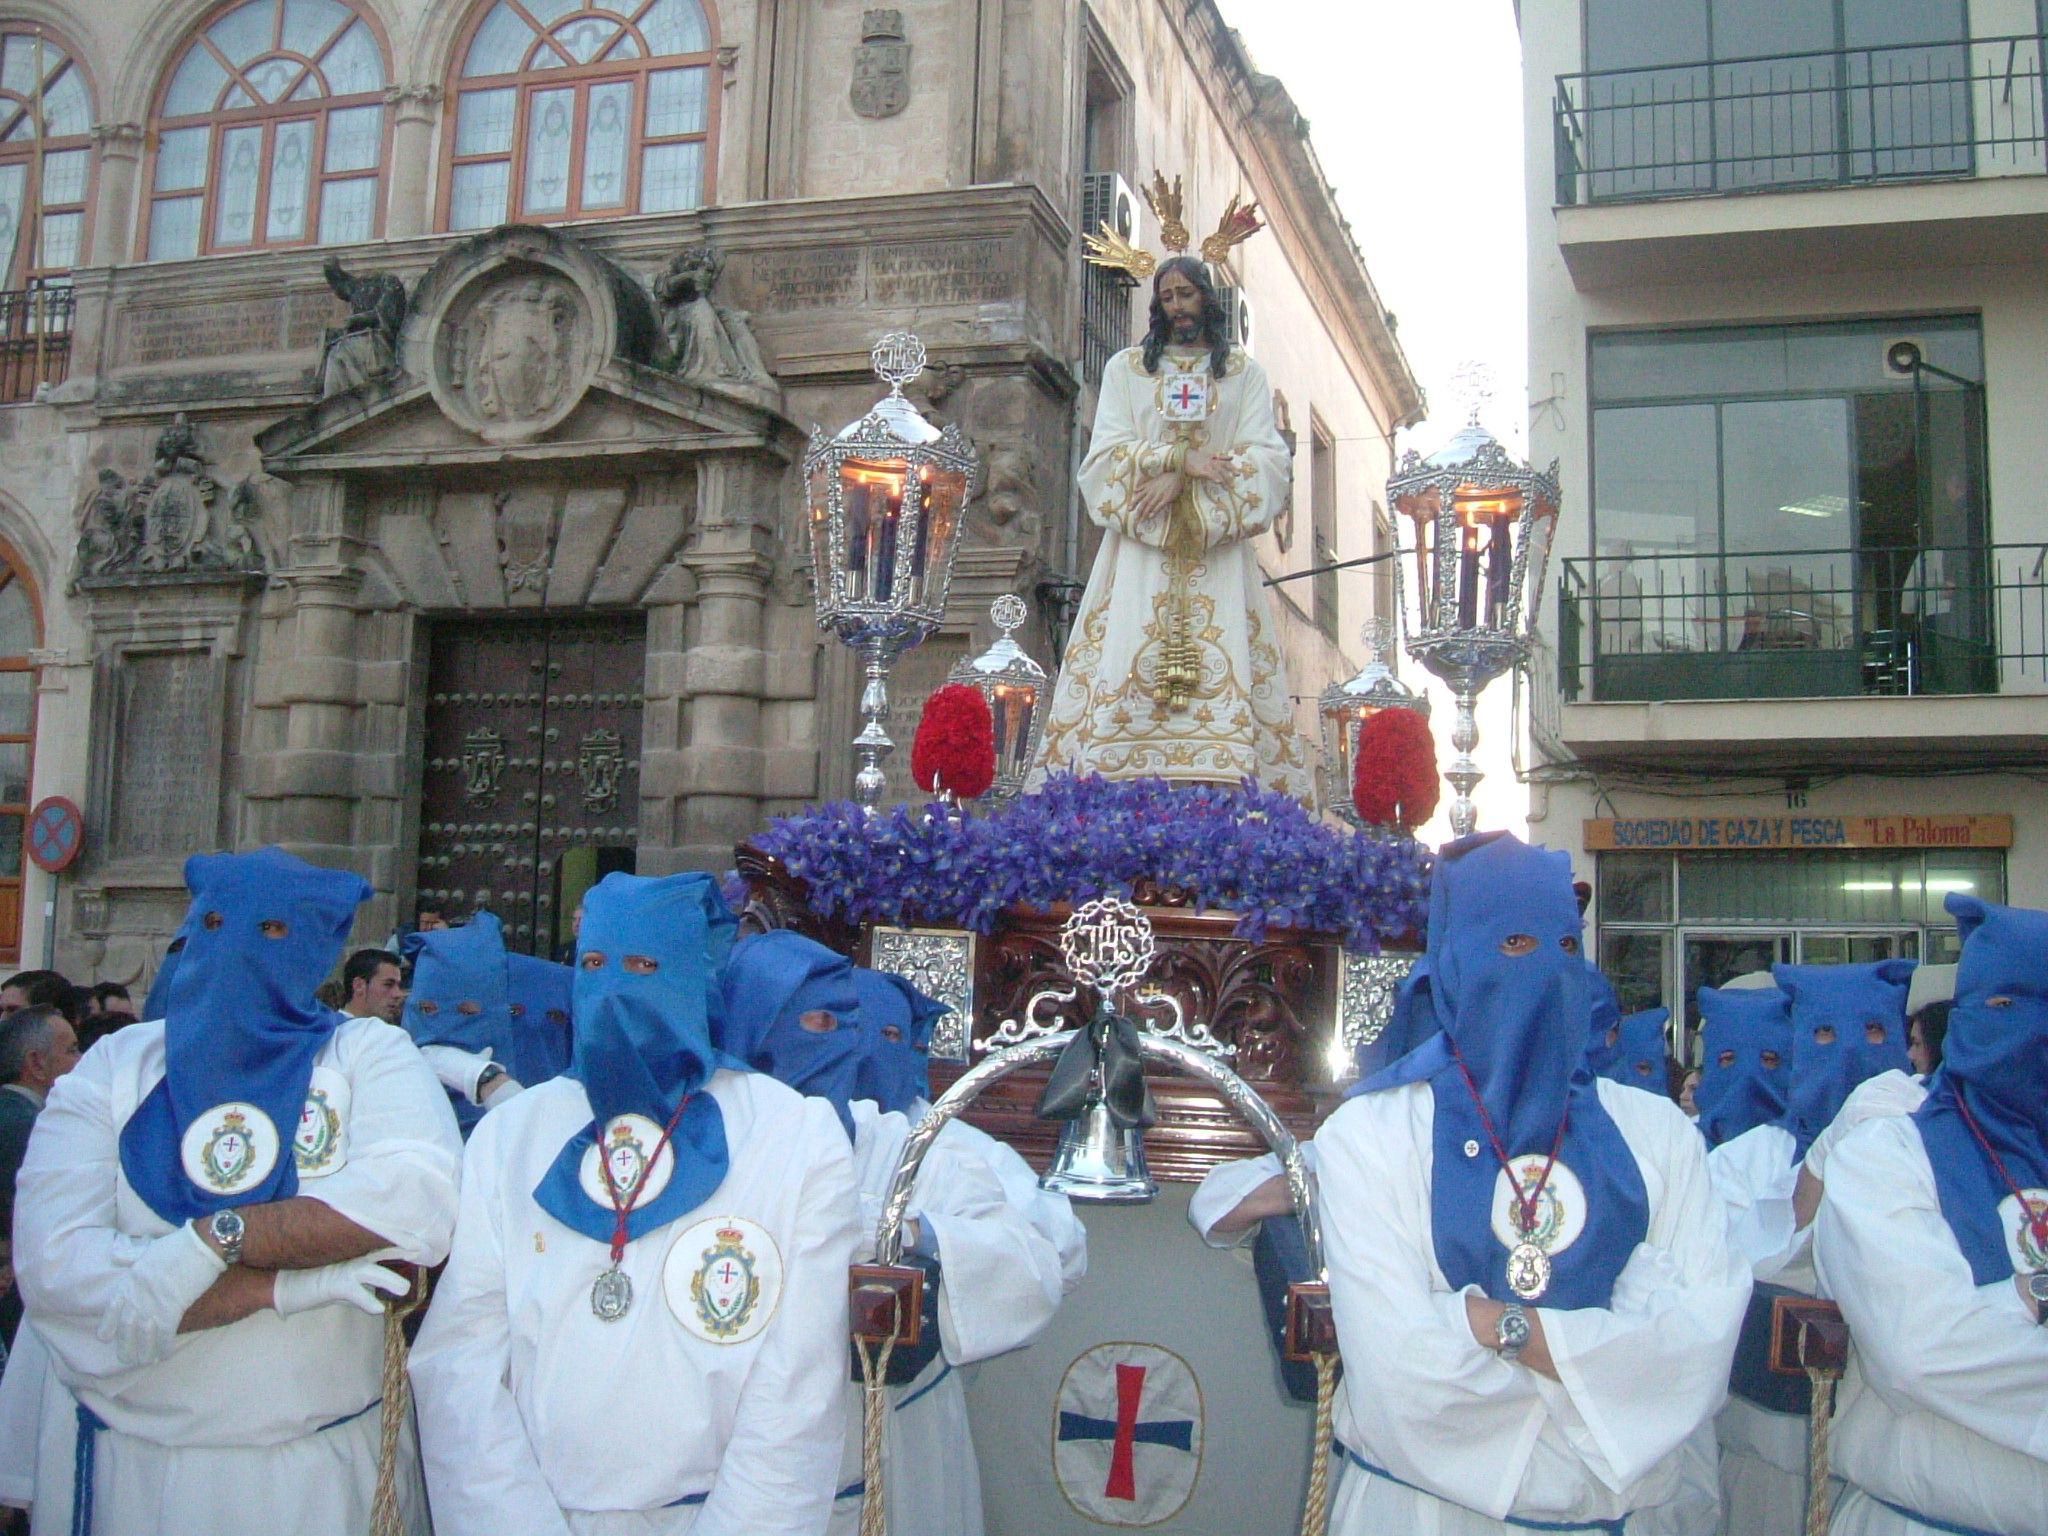 imagen del Jesus Cautivo en la plaza de la Constitución